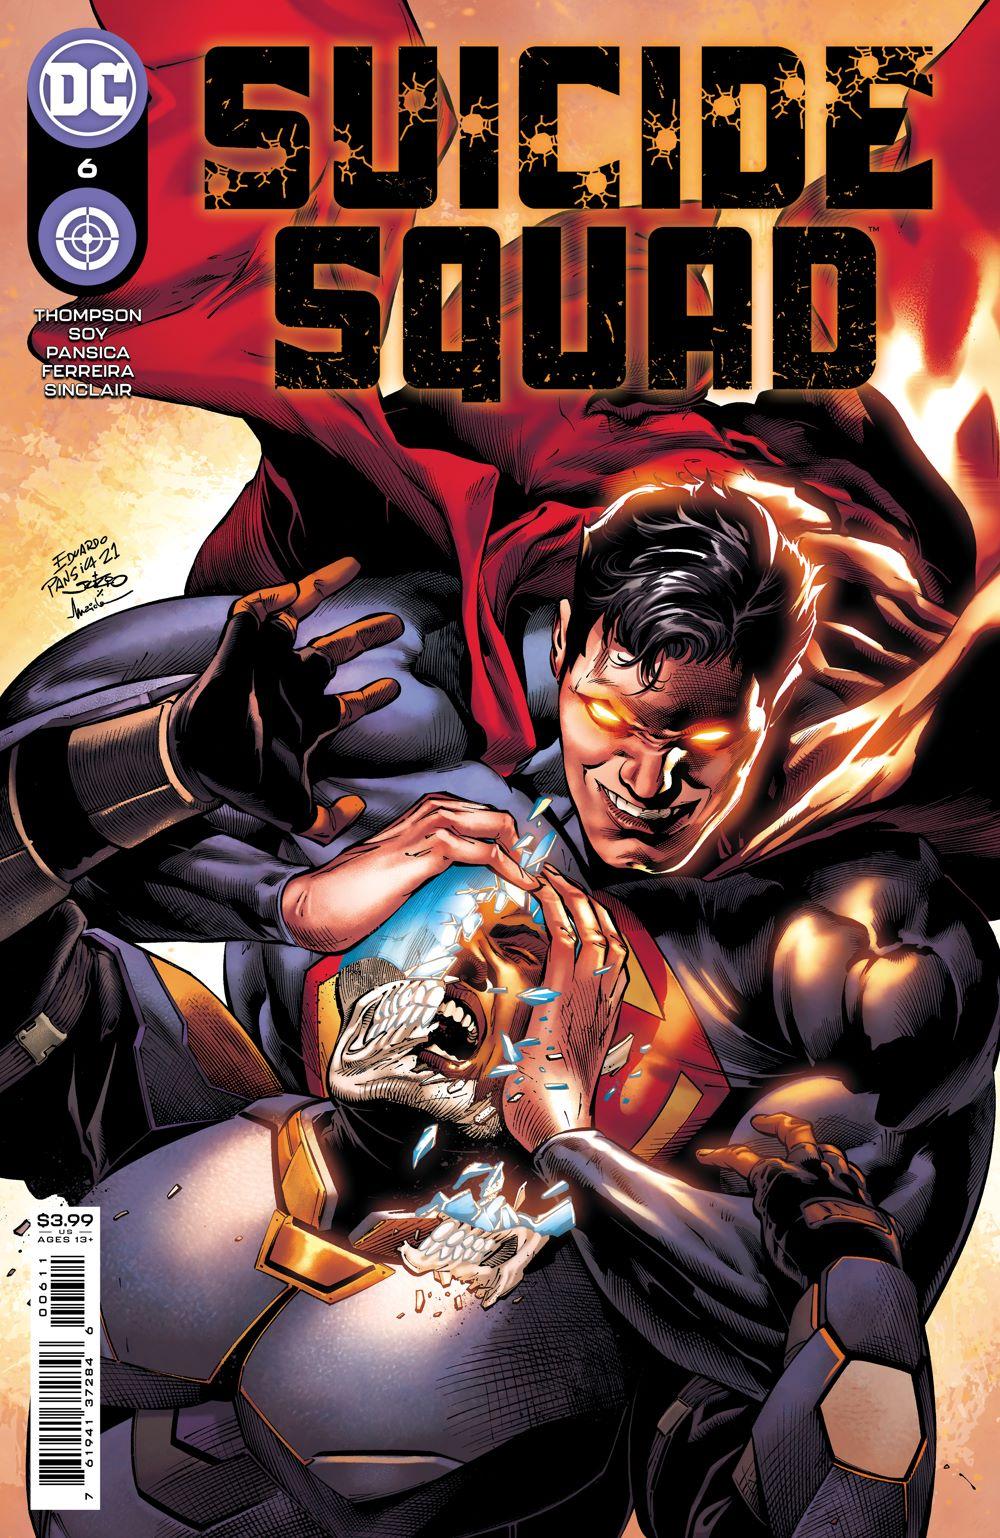 SSQUAD_Cv6 DC Comics August 2021 Solicitations